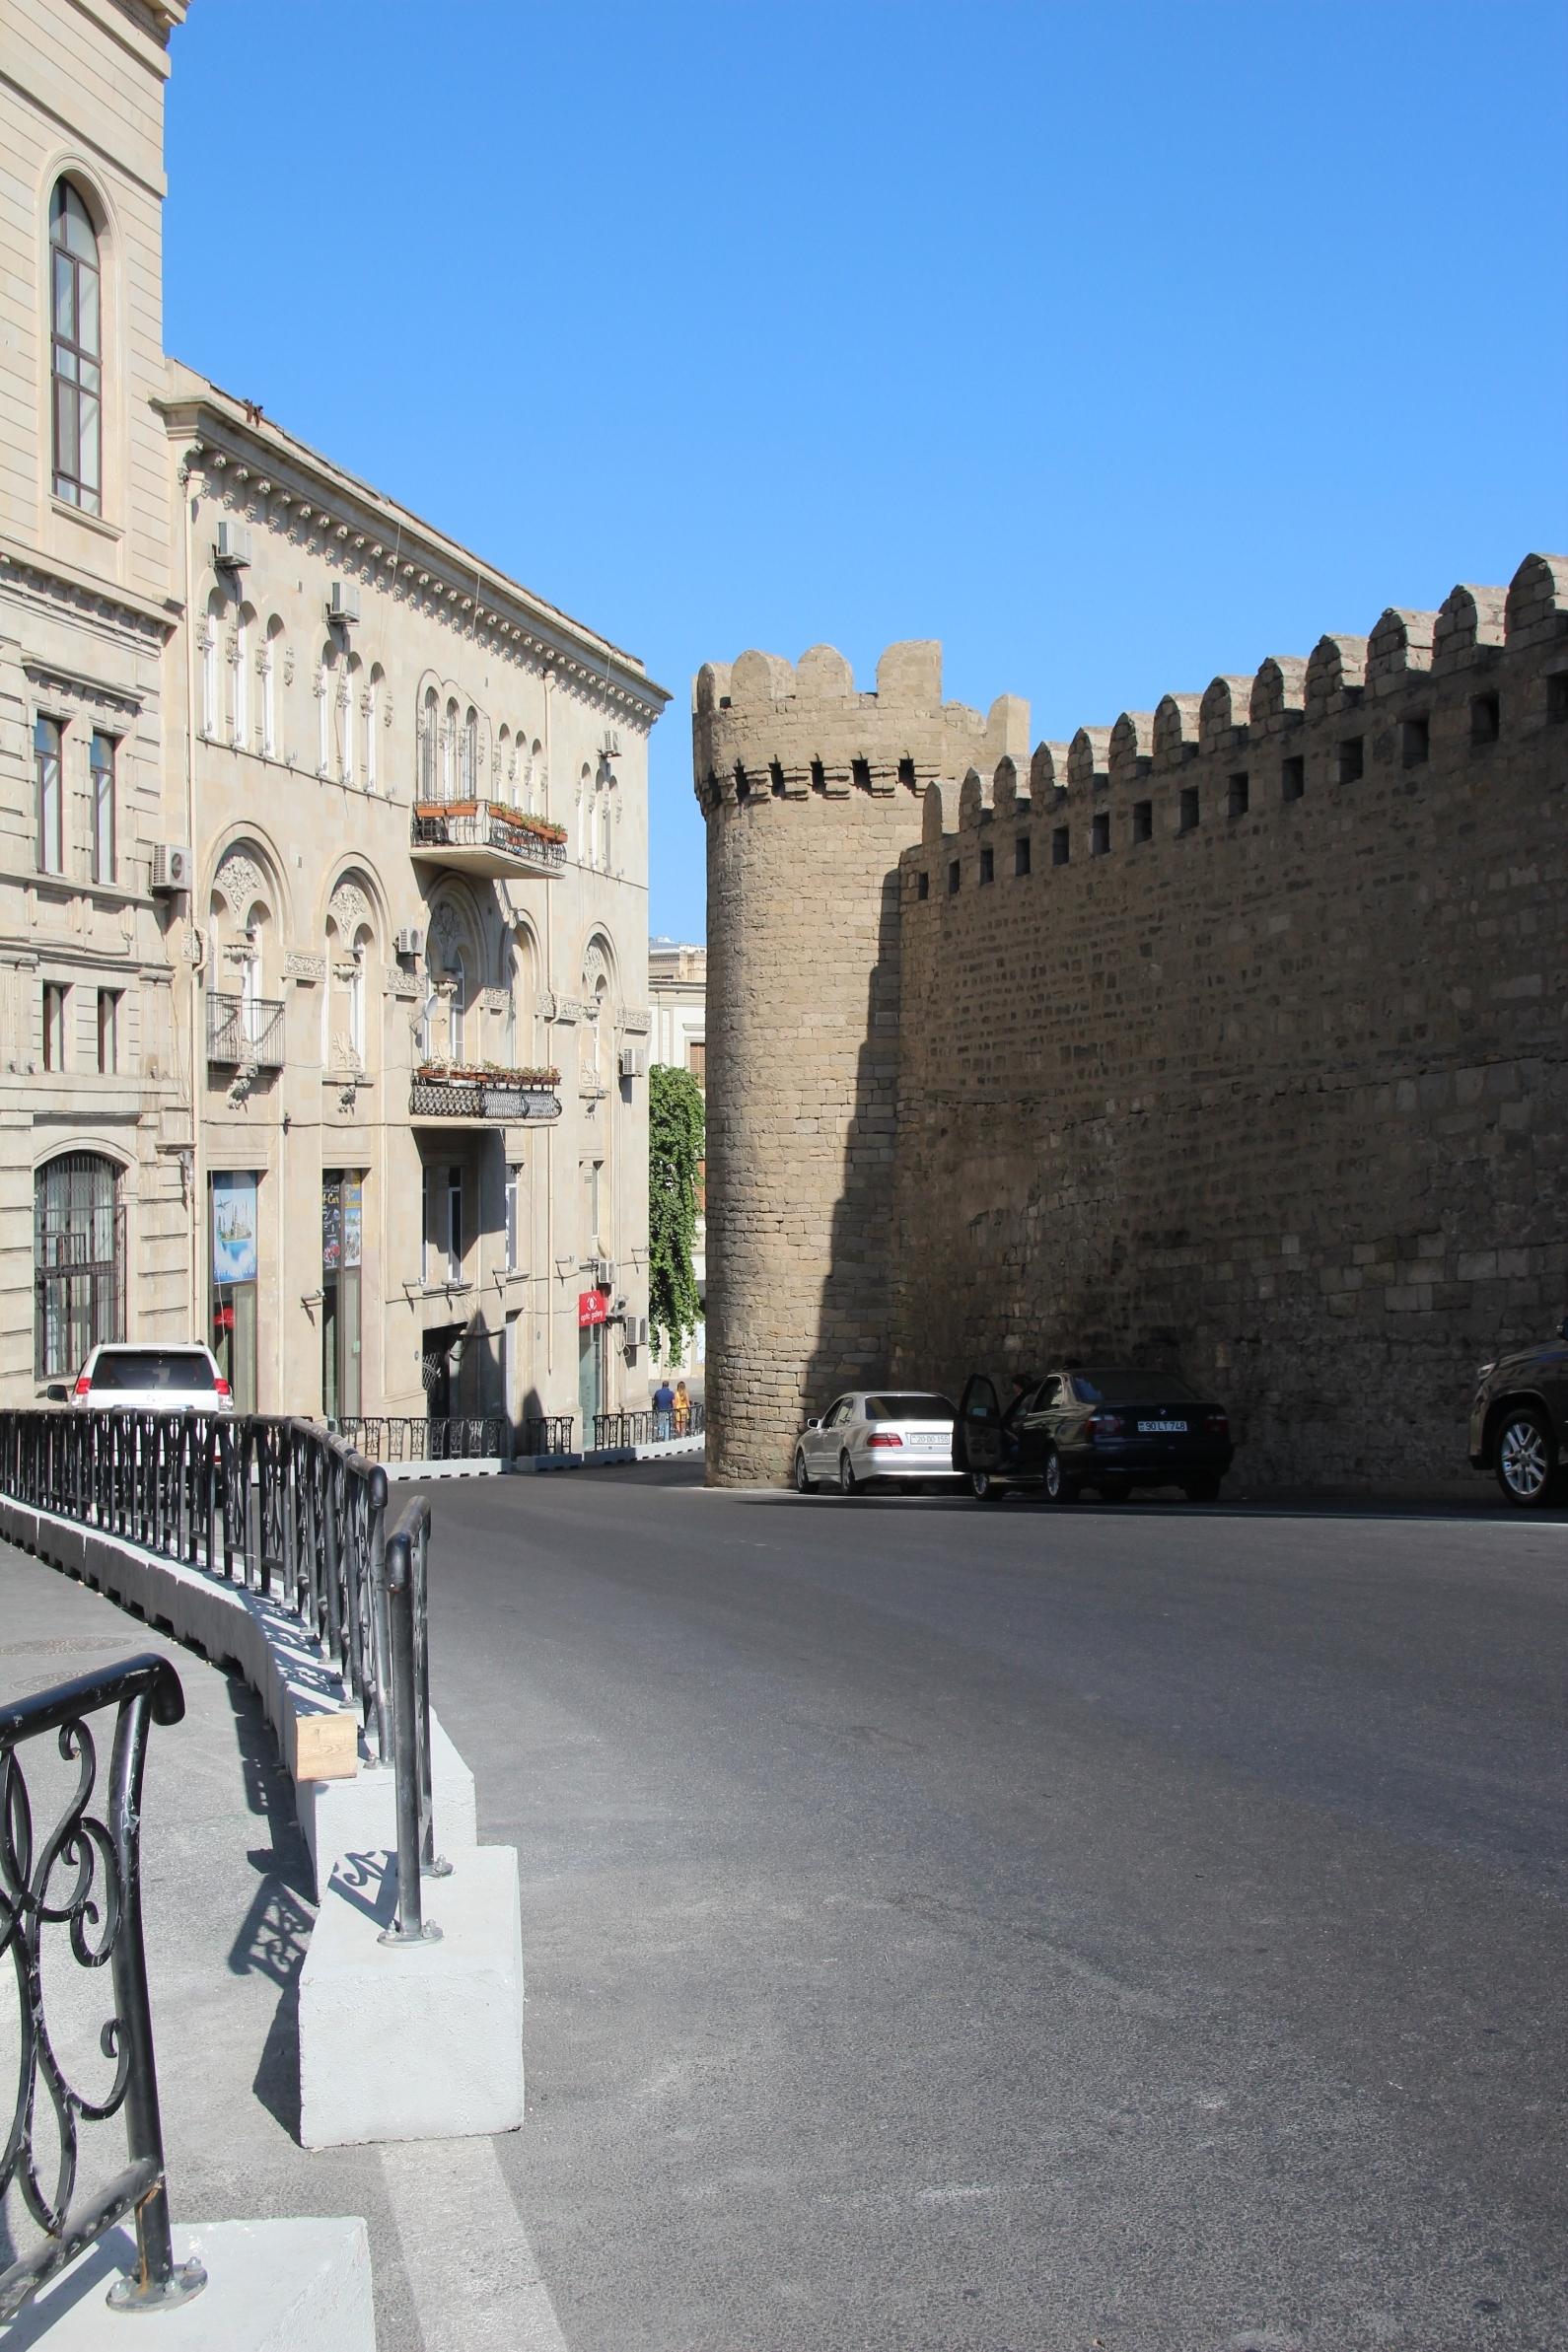 A nyolcas kanyar az azeri nagydíjon.